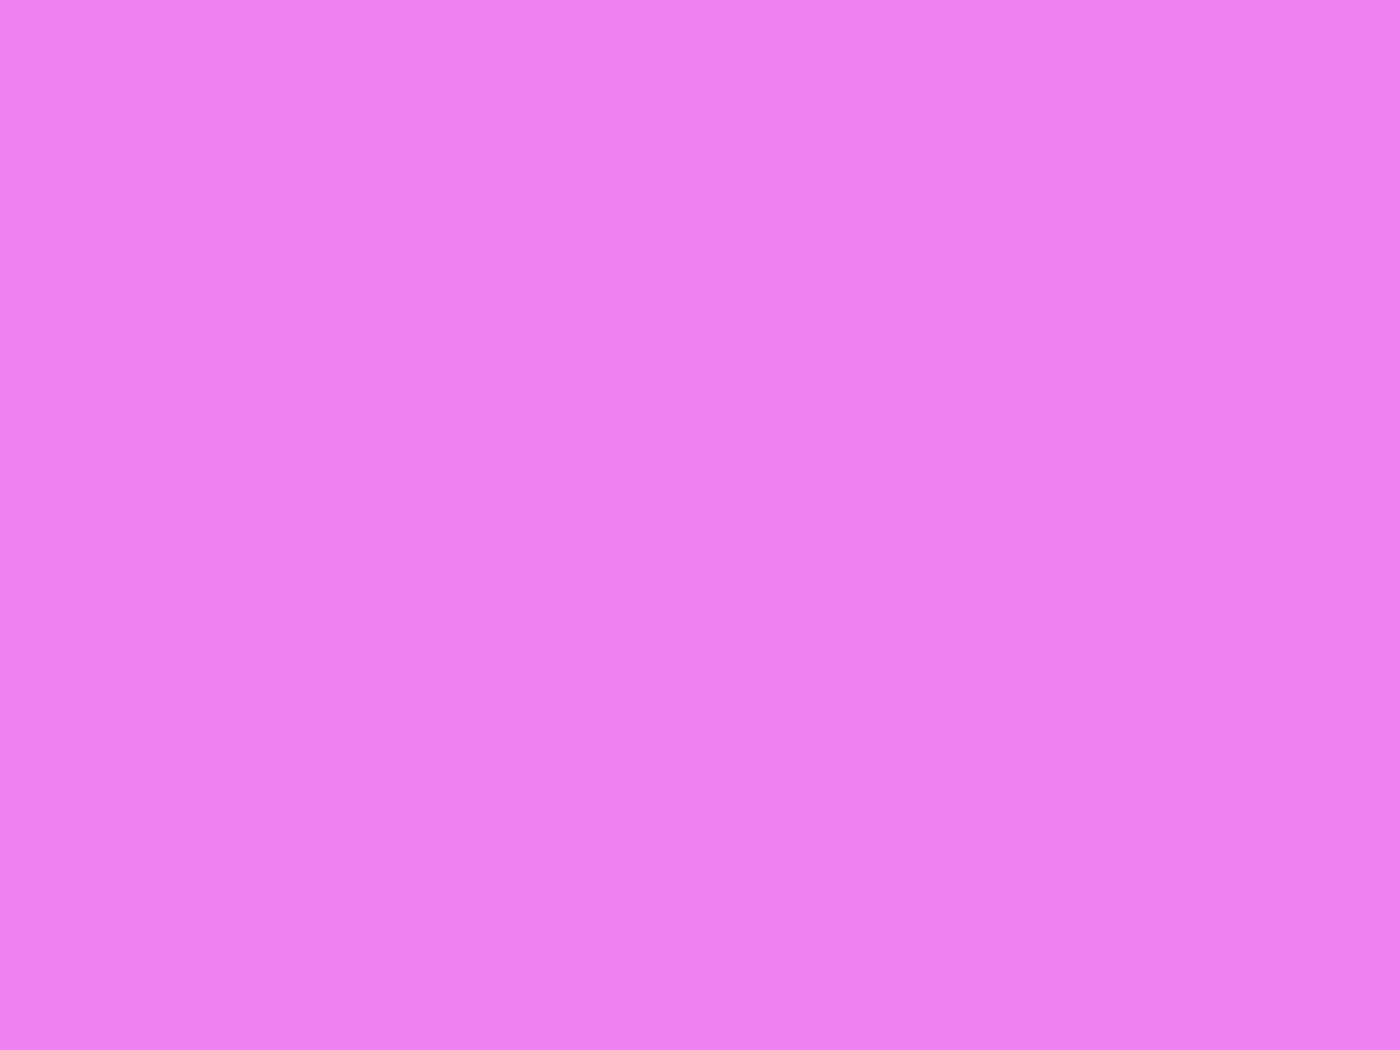 1400x1050 Violet Web Solid Color Background